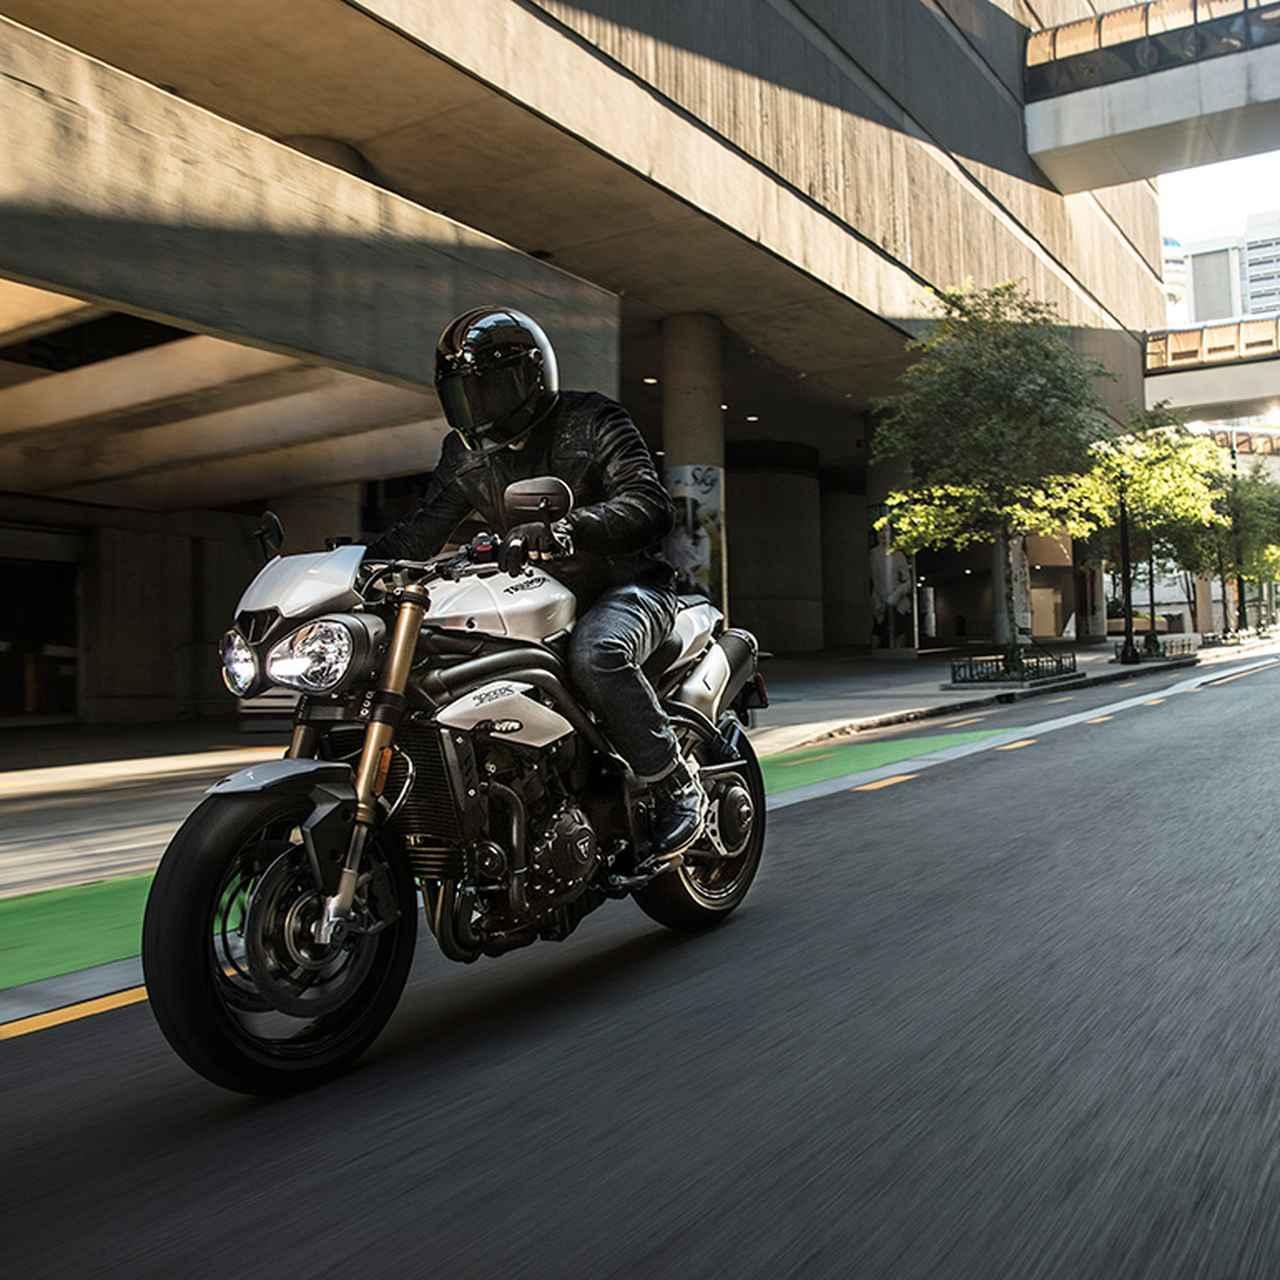 画像: トライアンフの新型Speed Triple RS 日本でのデリバリー開始は2018年6月初旬